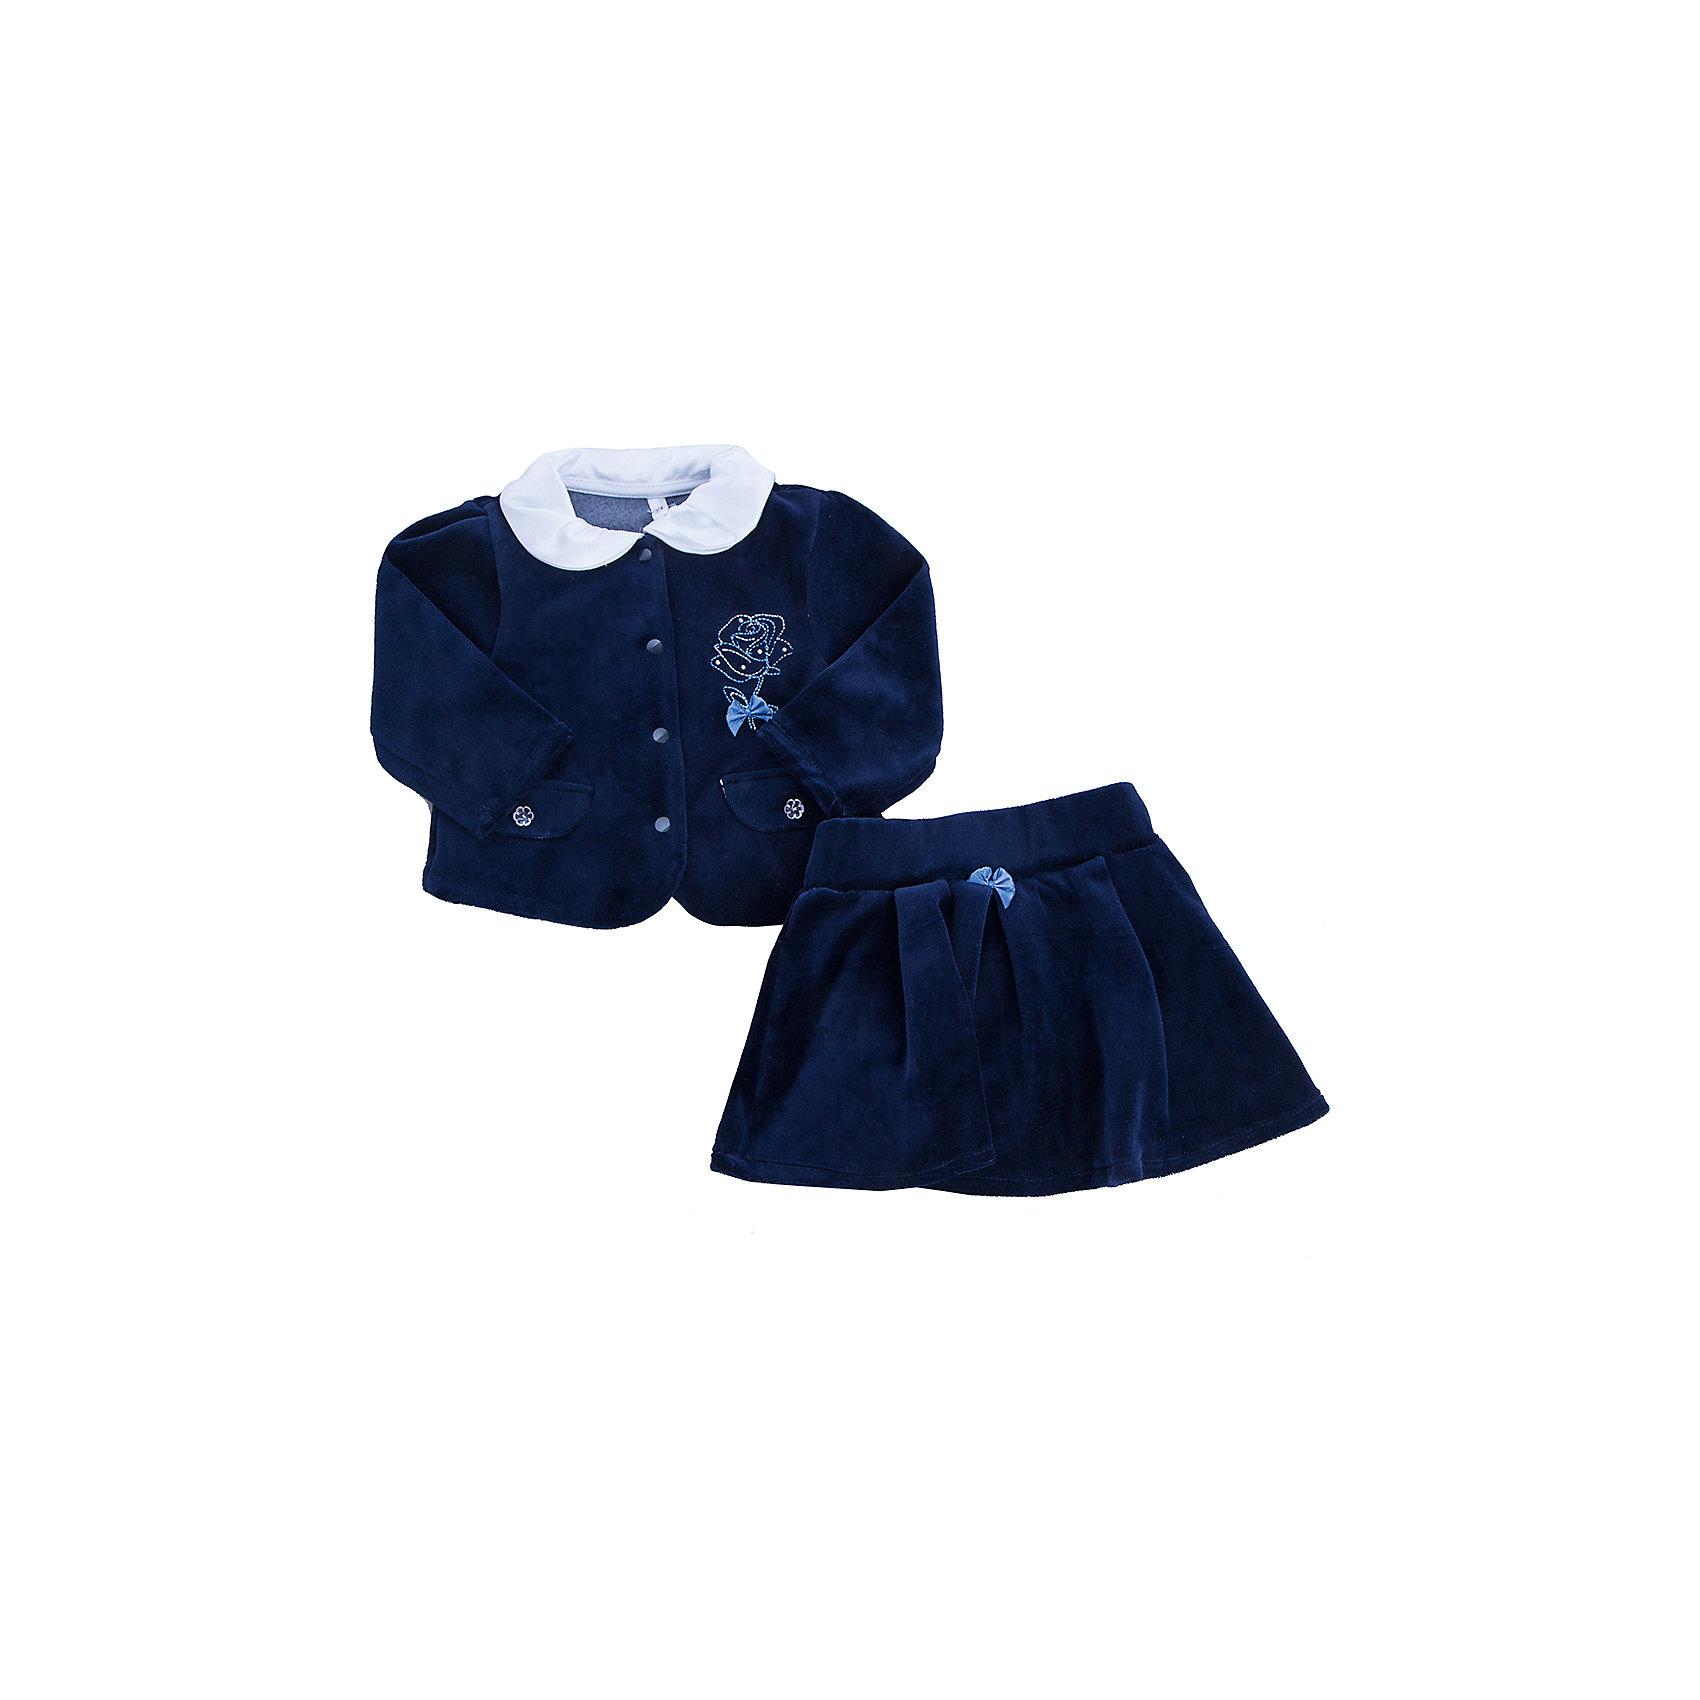 Комплект: жакет и юбка для девочки Soni KidsКомплект: жакет и юбка для девочки от популярной марки Soni Kids<br><br>Удобный и очень стильный комплект относится к линейке Реверанс. Модели из неё отличаются элегантным дизайном и эффектной отделкой.<br><br>Особенности модели:<br><br>- цвет - темно-синий;<br>- материал с ворсом (велюр);<br>- на  жакете - вышивка в виде розы со стразами;<br>- украшен атласным бантом;<br>- рукава длинные фонариком;<br>-  отложной белый атласный воротник.<br>- кнопки-застежки впереди;<br>- карманы-обманки;<br>-  юбка расклешенная;<br>- пояс - широкая резинка.<br><br>Дополнительная информация:<br><br>Состав:  80% хлопок, 20% полиэстер (велюр)<br><br>Габариты:<br><br>длина по спинке - 30 см;<br>длина рукава  - 21.<br><br>*соответствует размеру 74<br><br>Комплект: жакет и юбка для девочки от популярной марки Soni Kids (Сони Кидс) можно купить в нашем магазине.<br><br>Ширина мм: 157<br>Глубина мм: 13<br>Высота мм: 119<br>Вес г: 200<br>Цвет: синий<br>Возраст от месяцев: 6<br>Возраст до месяцев: 9<br>Пол: Женский<br>Возраст: Детский<br>Размер: 74,92,86,80<br>SKU: 4323476